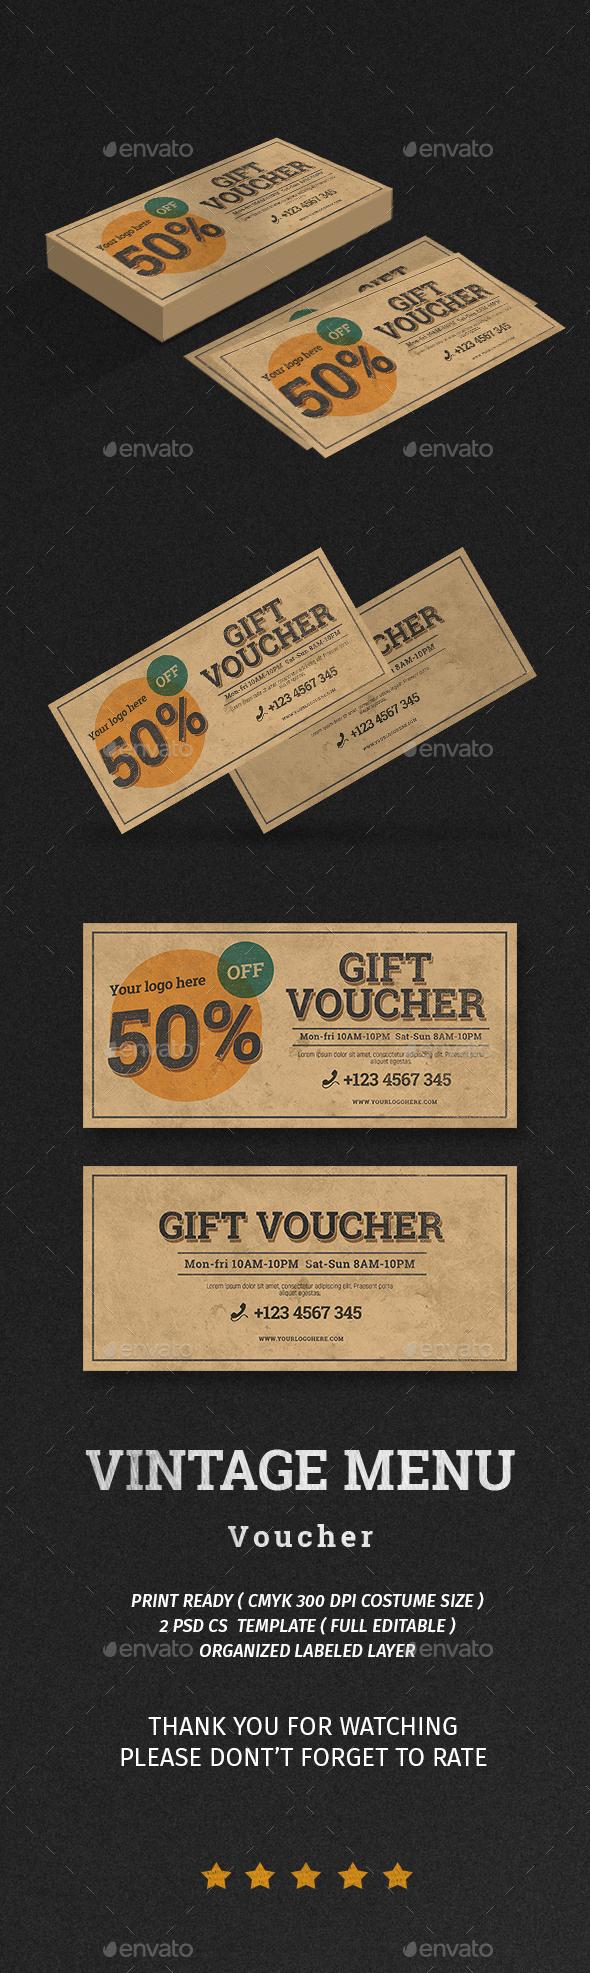 Vintage Voucher - Print Templates